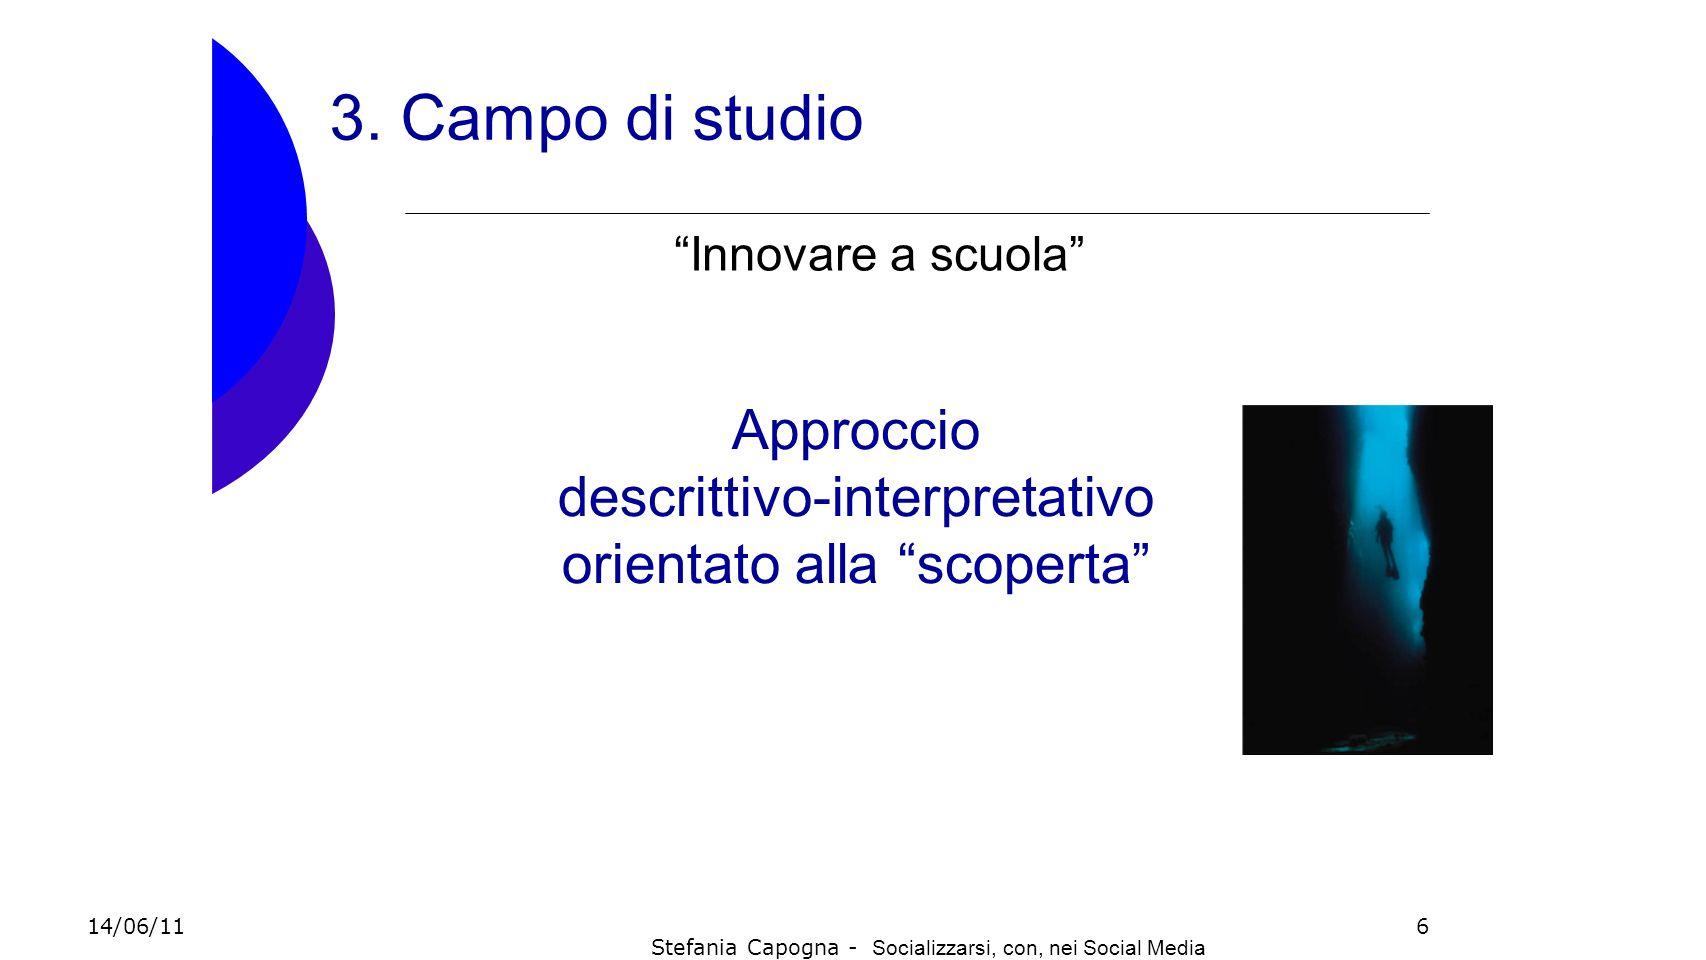 6 3. Campo di studio Approccio descrittivo-interpretativo orientato alla scoperta Innovare a scuola 14/06/11 Stefania Capogna - Socializzarsi, con, ne